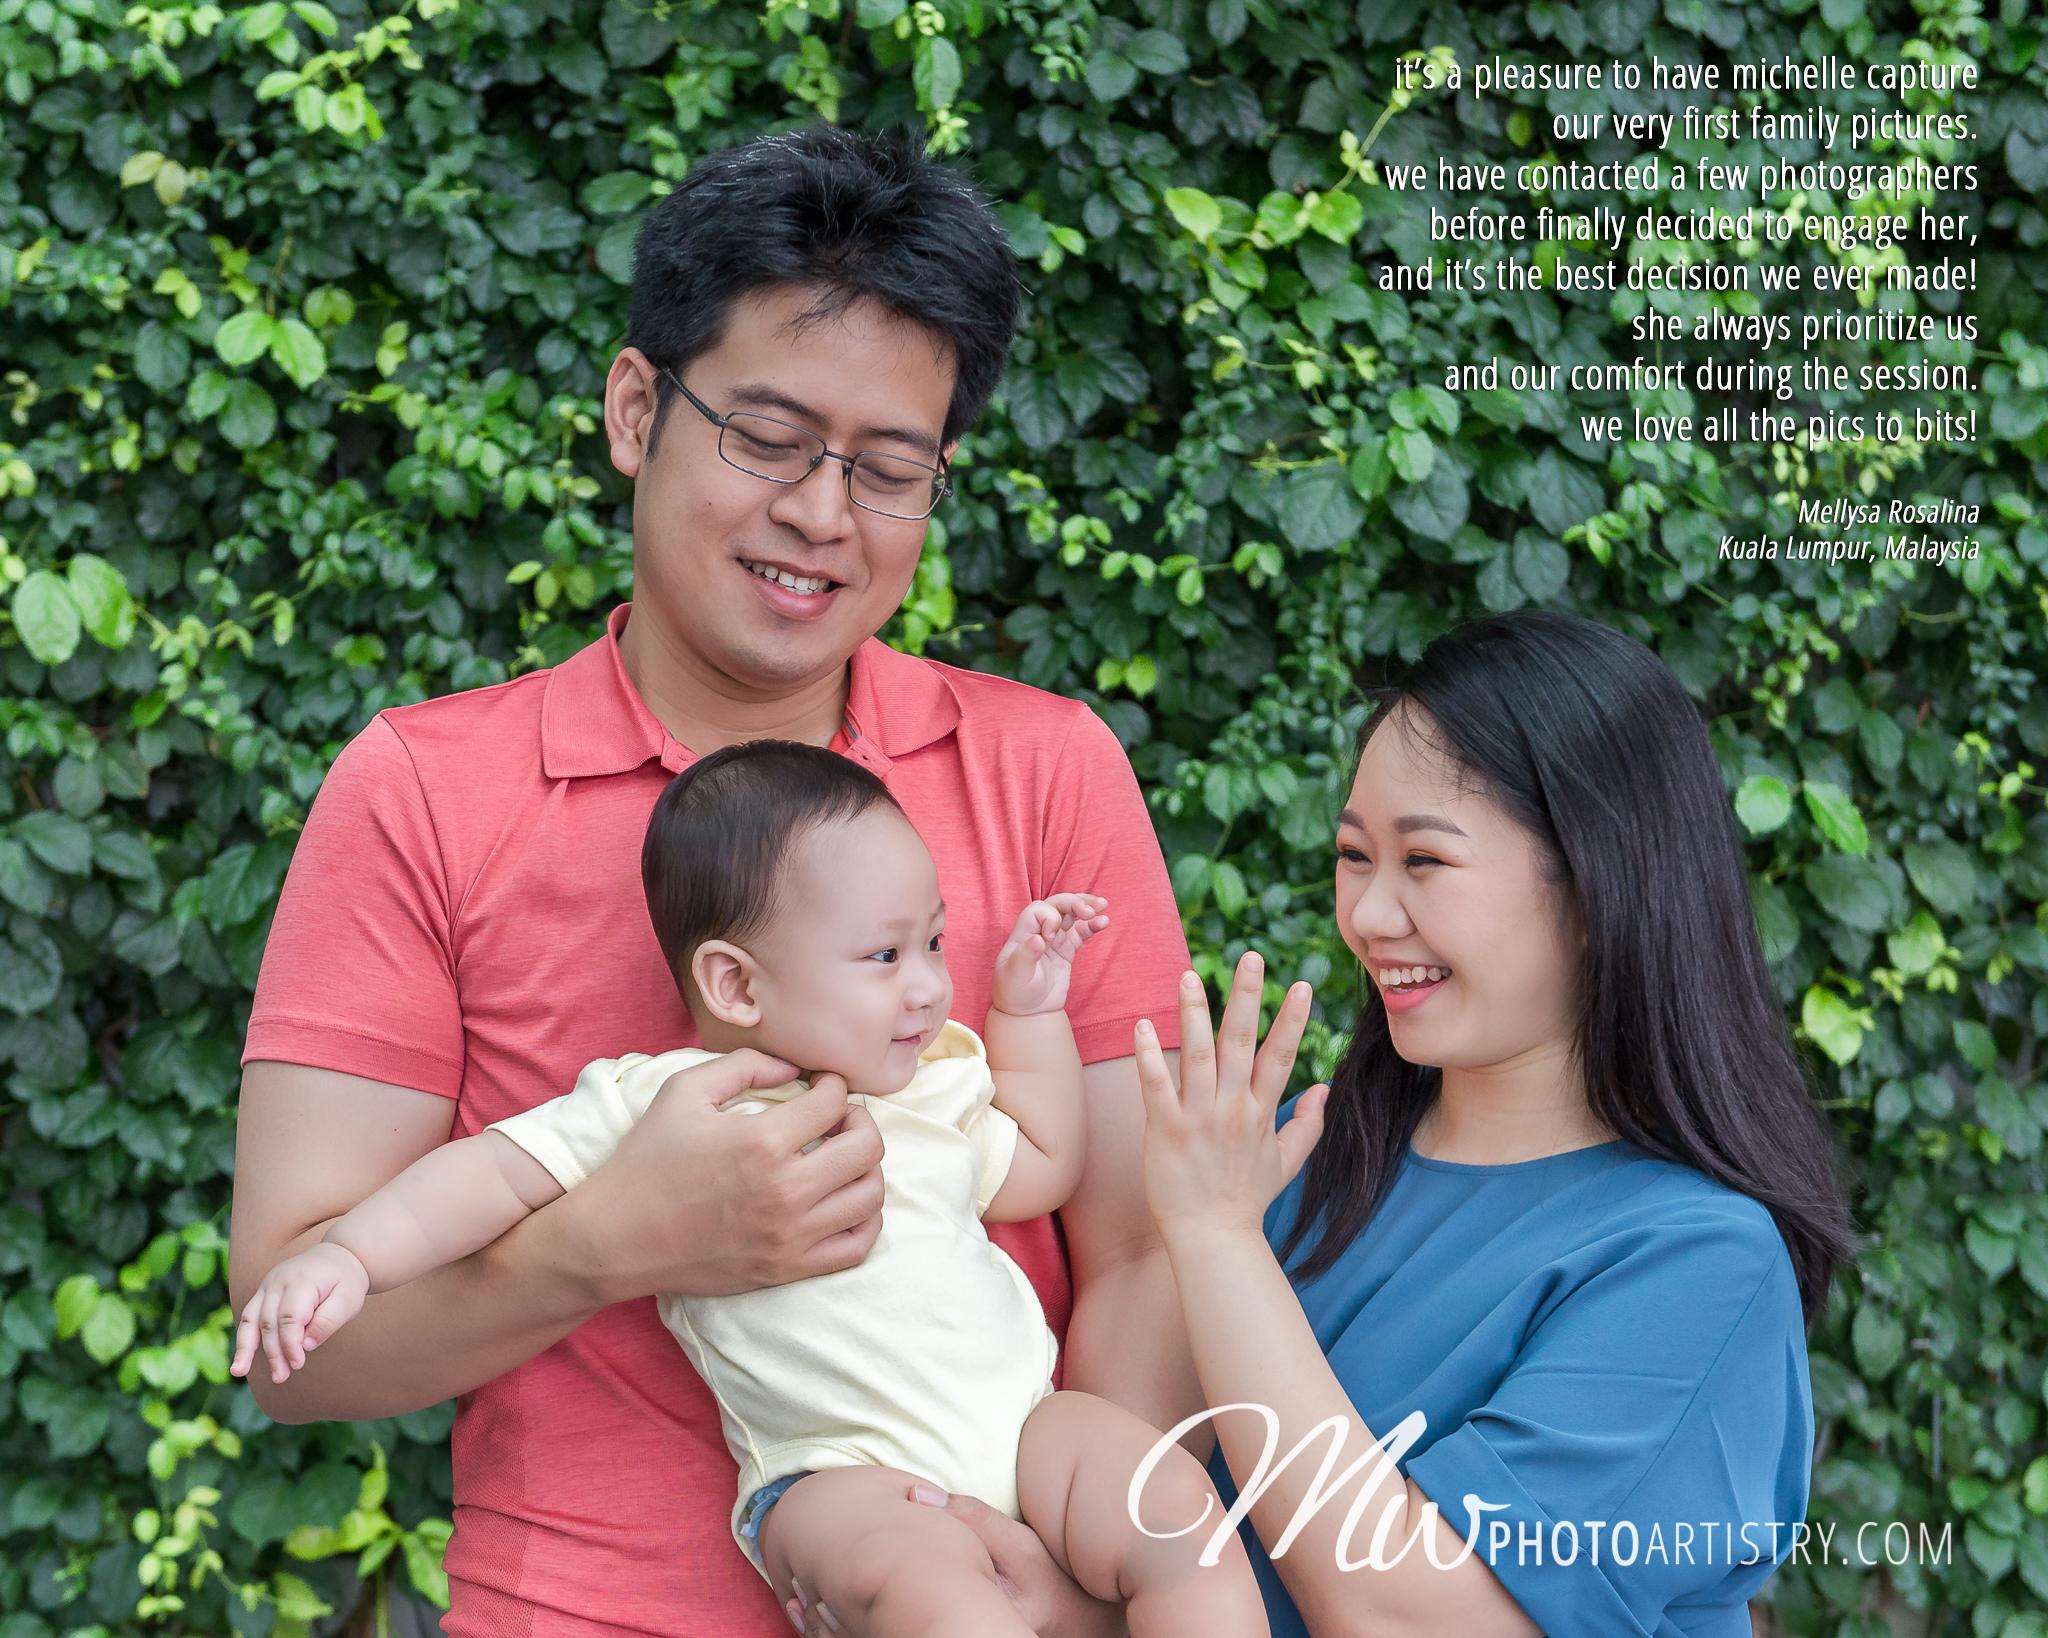 Malaysia Kuala Lumpur Kuching Family Lifestyle Photographer Testimonial Photo.jpg